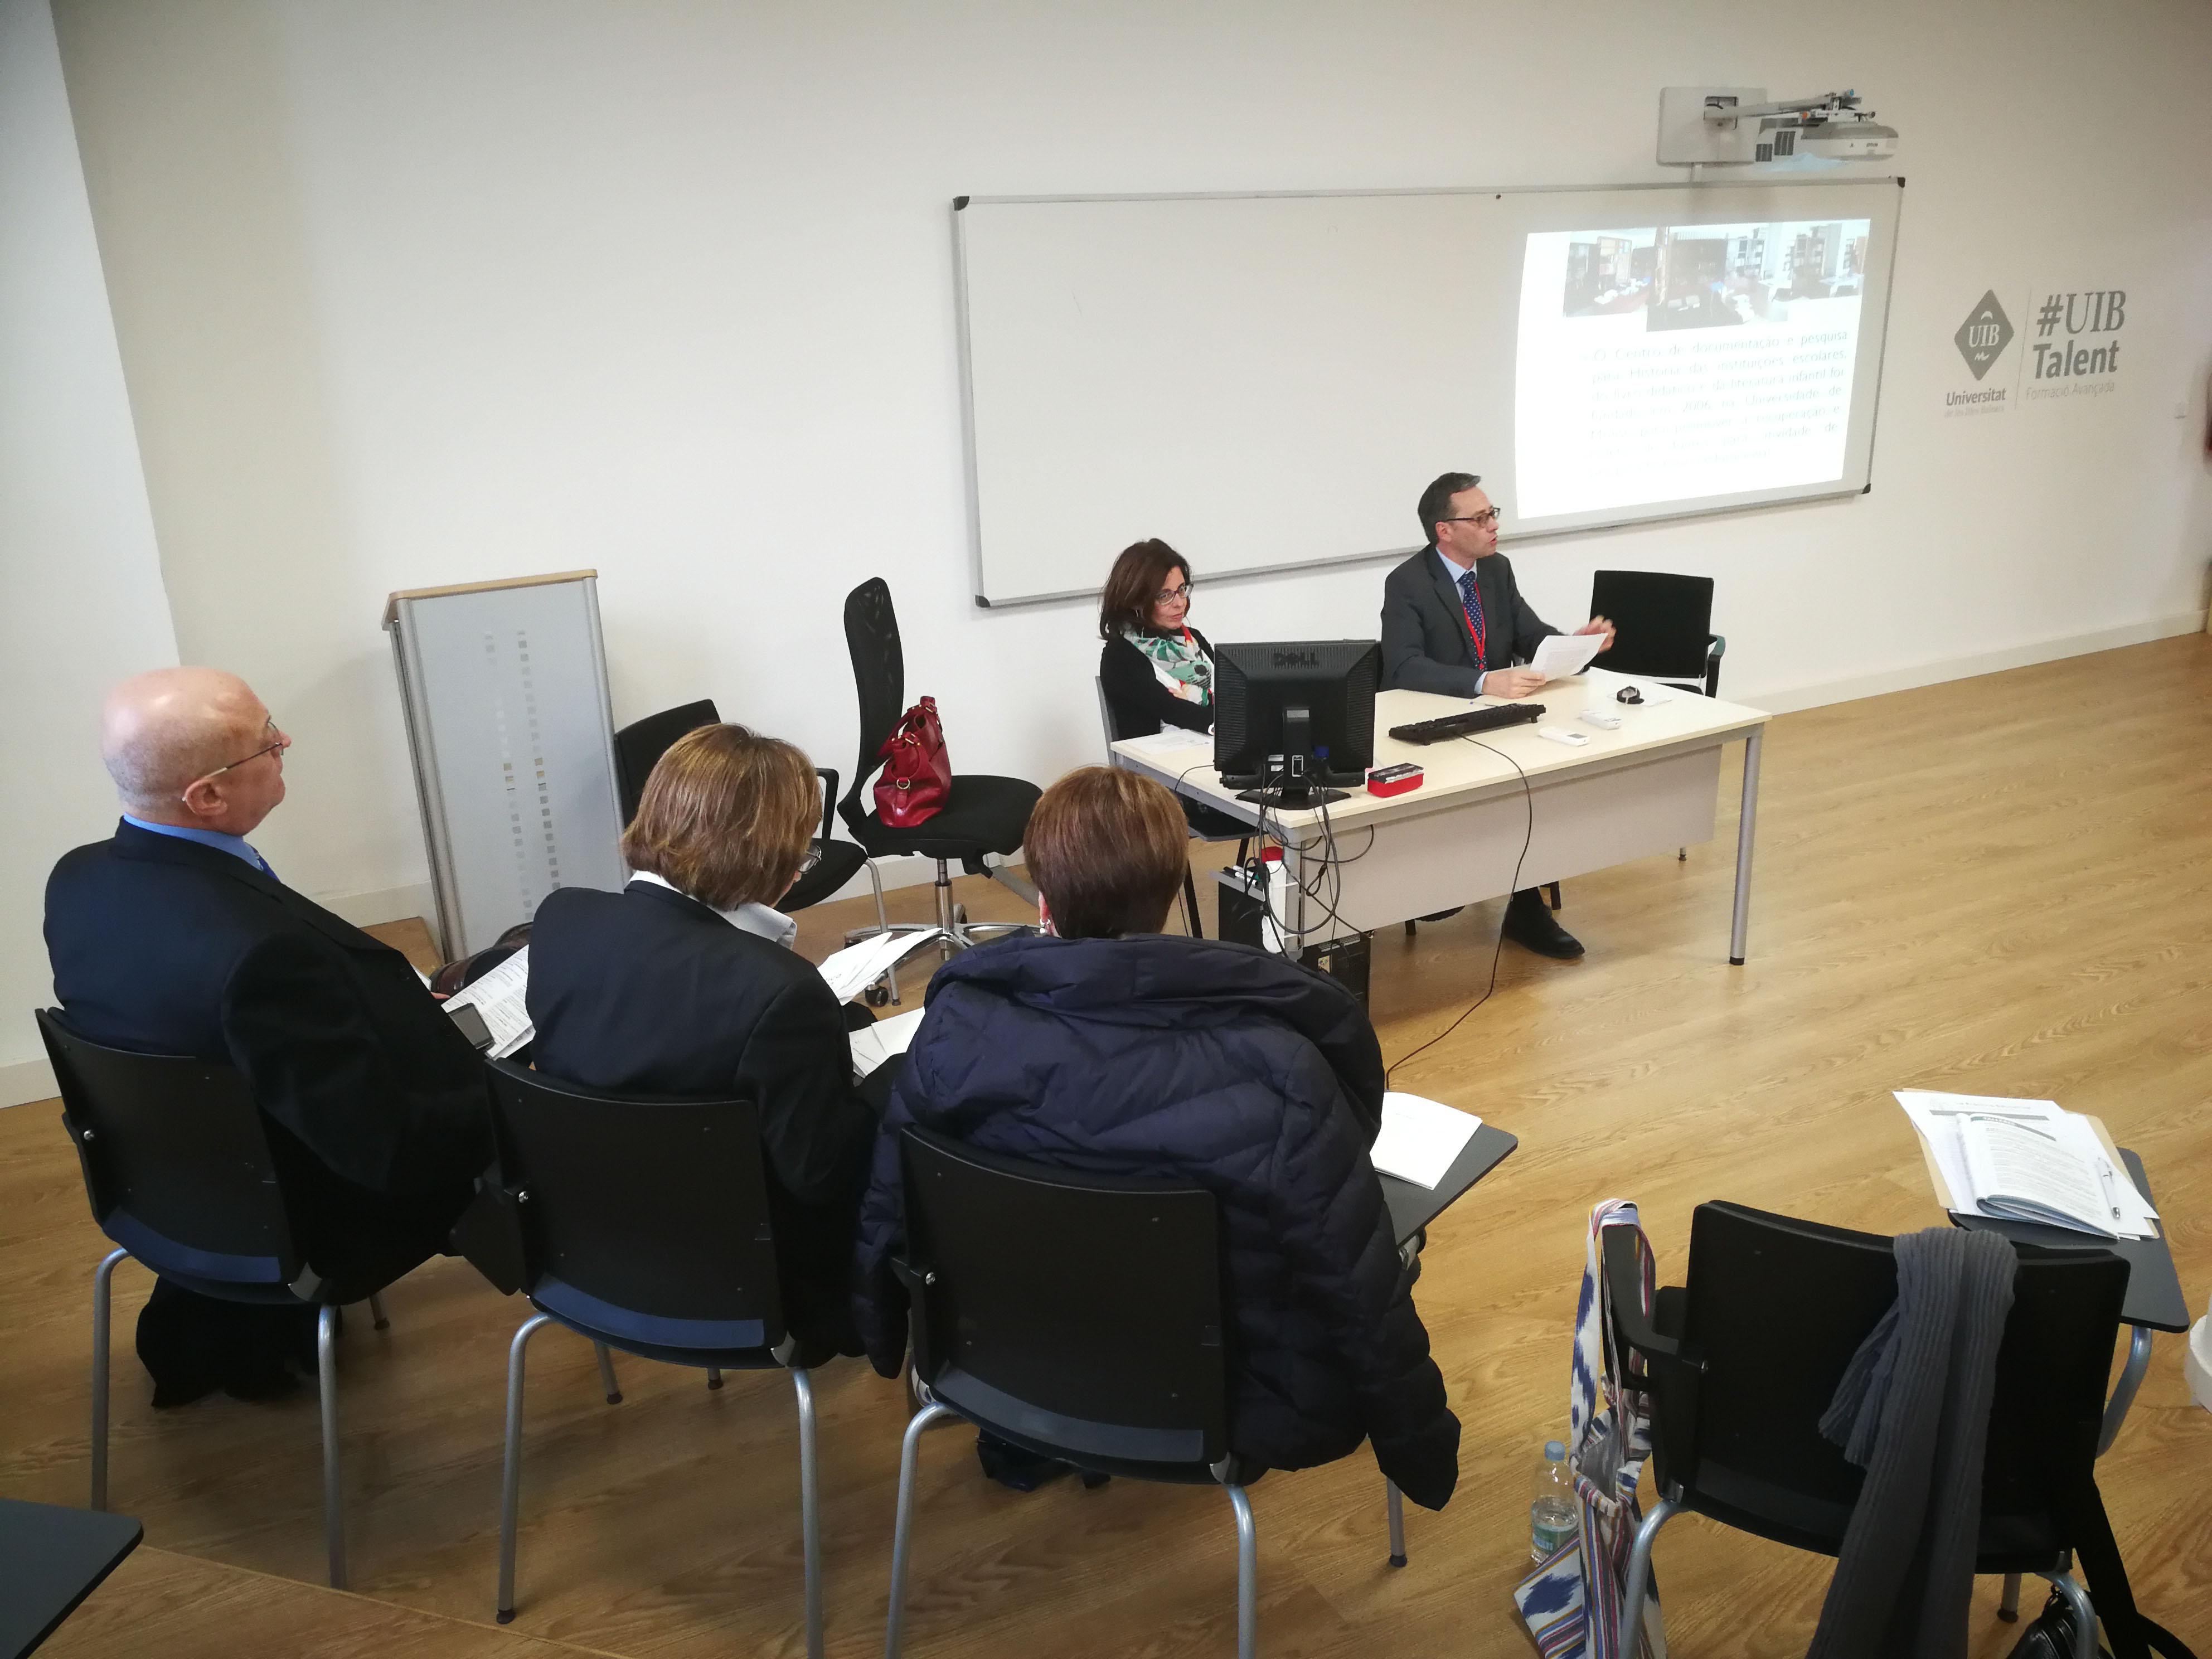 La practica educativa_PalmadiMaiorca-162553